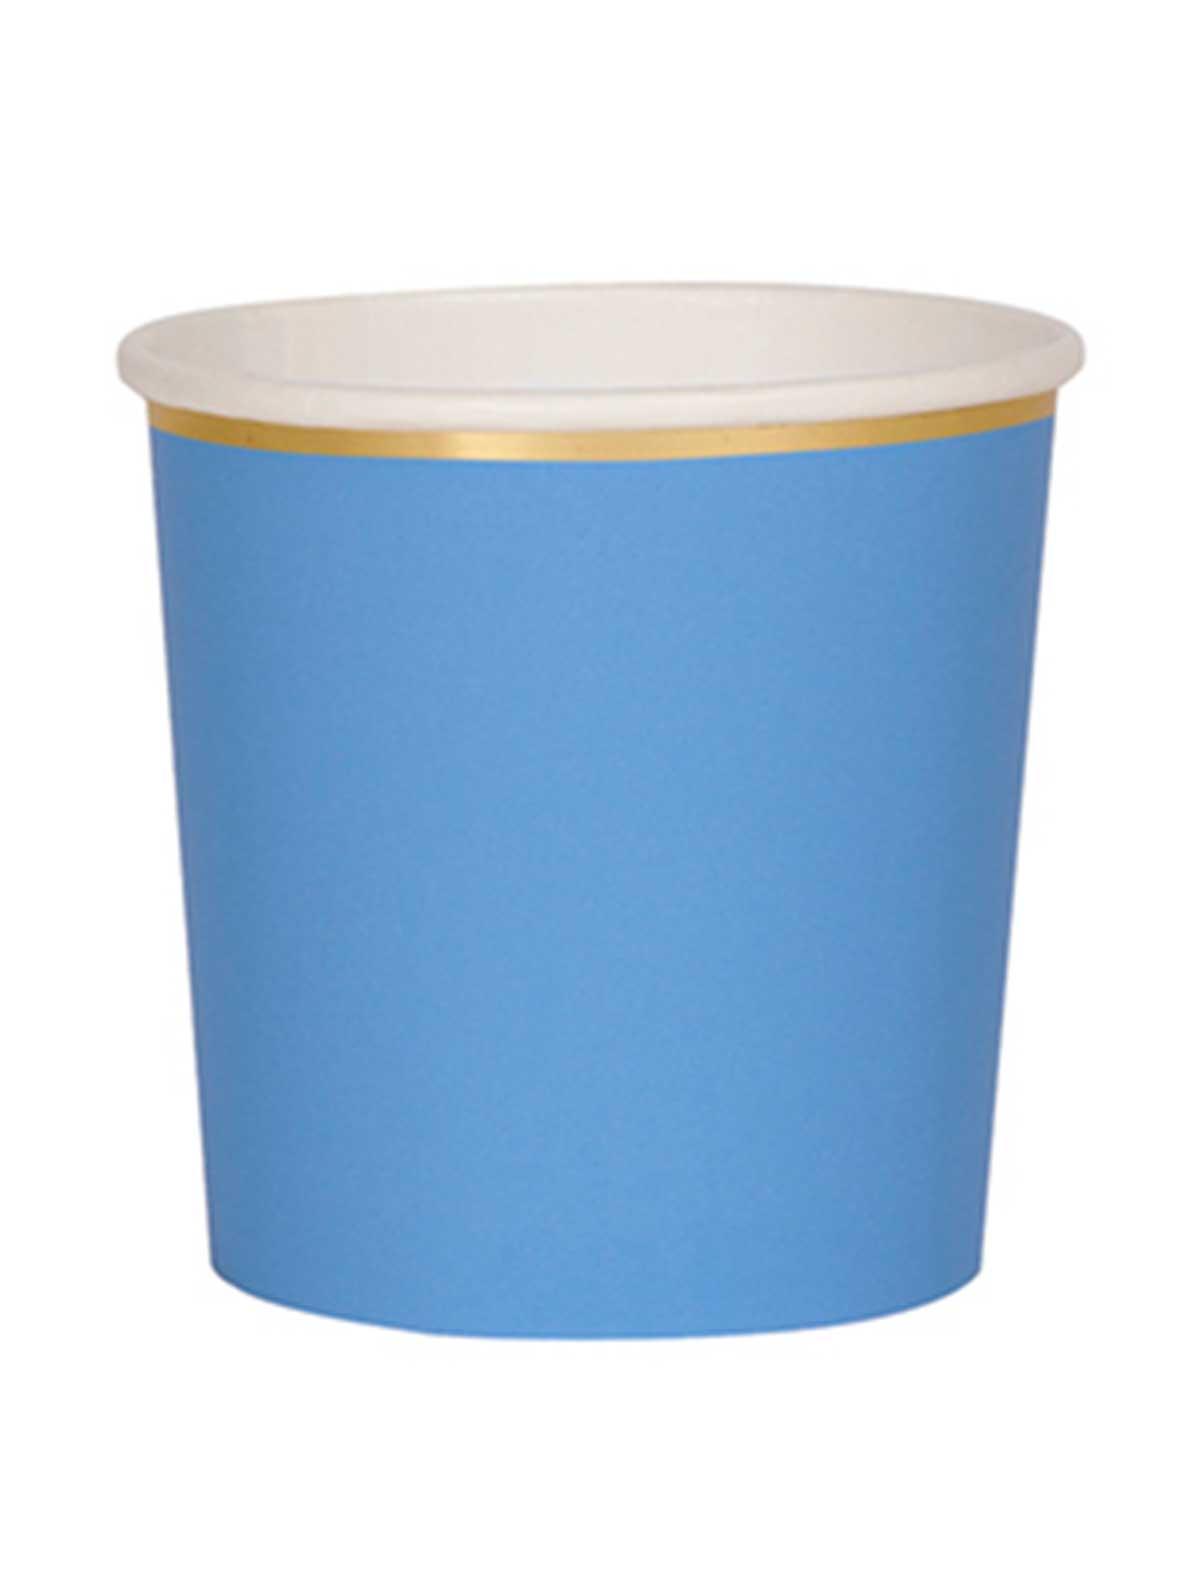 Купить 2259802, Набор посуды Meri Meri, голубой, 2294520081290